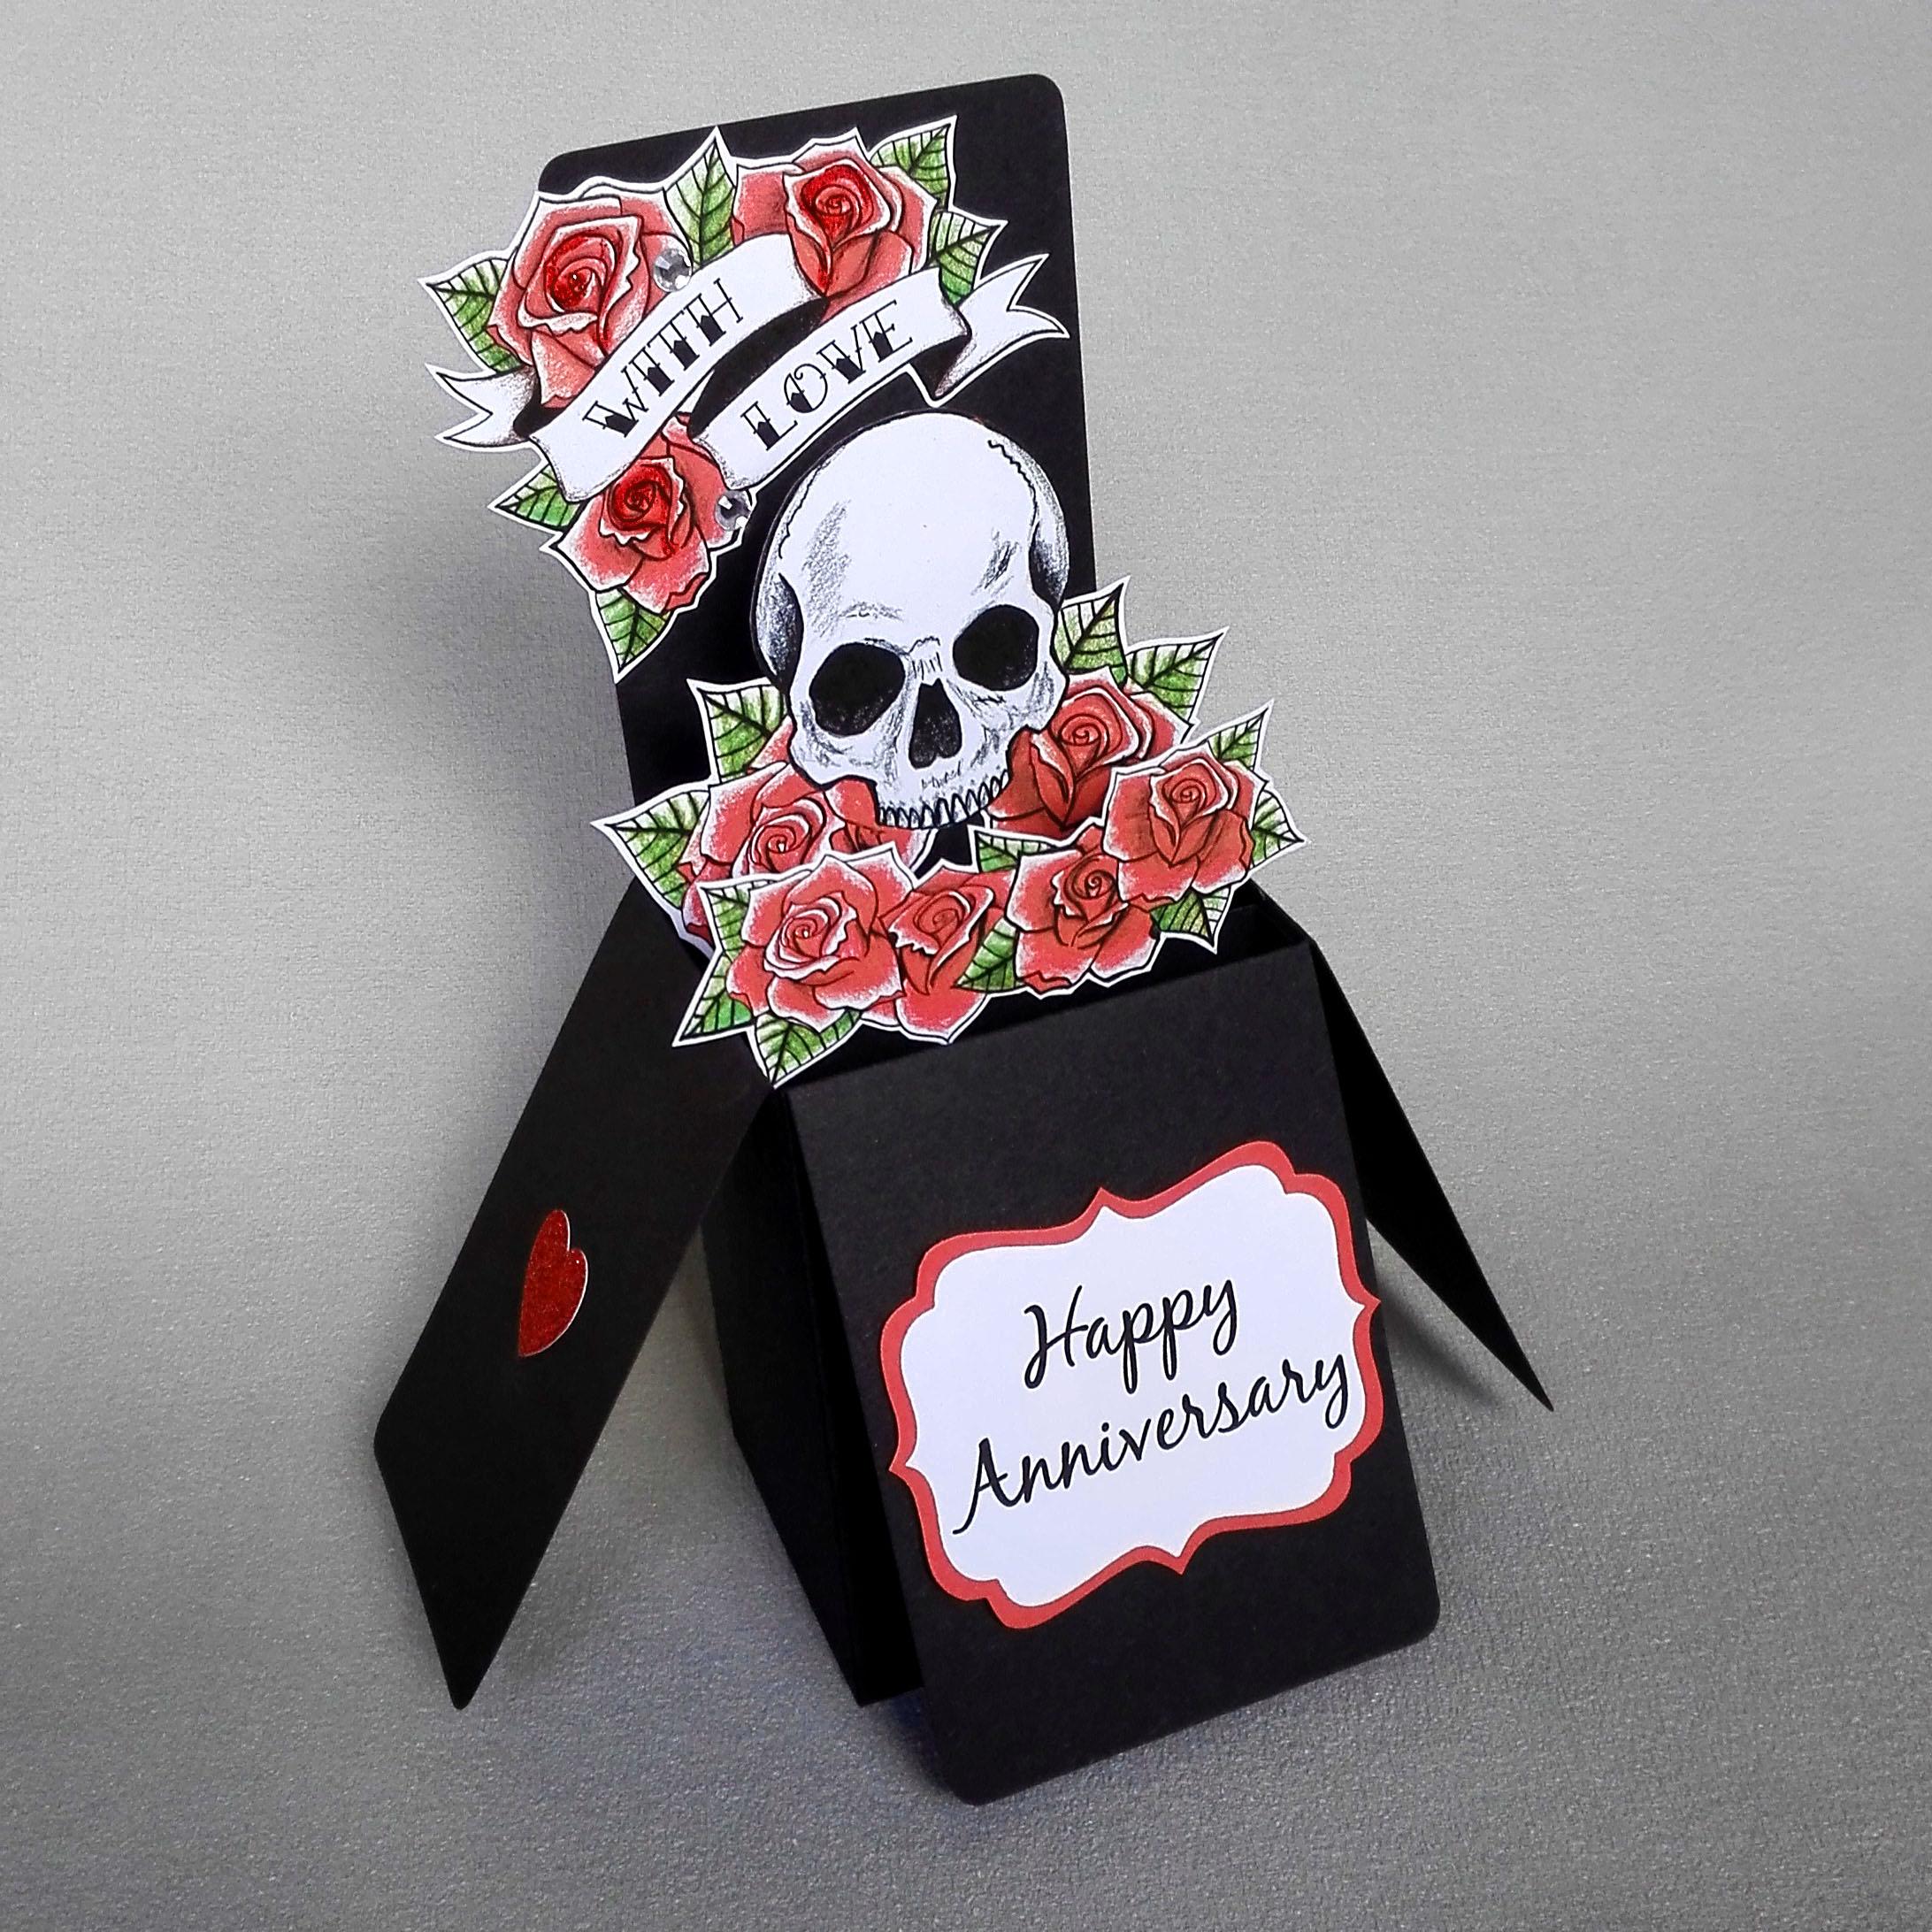 Skull & Roses Pop Up Anniversary Card